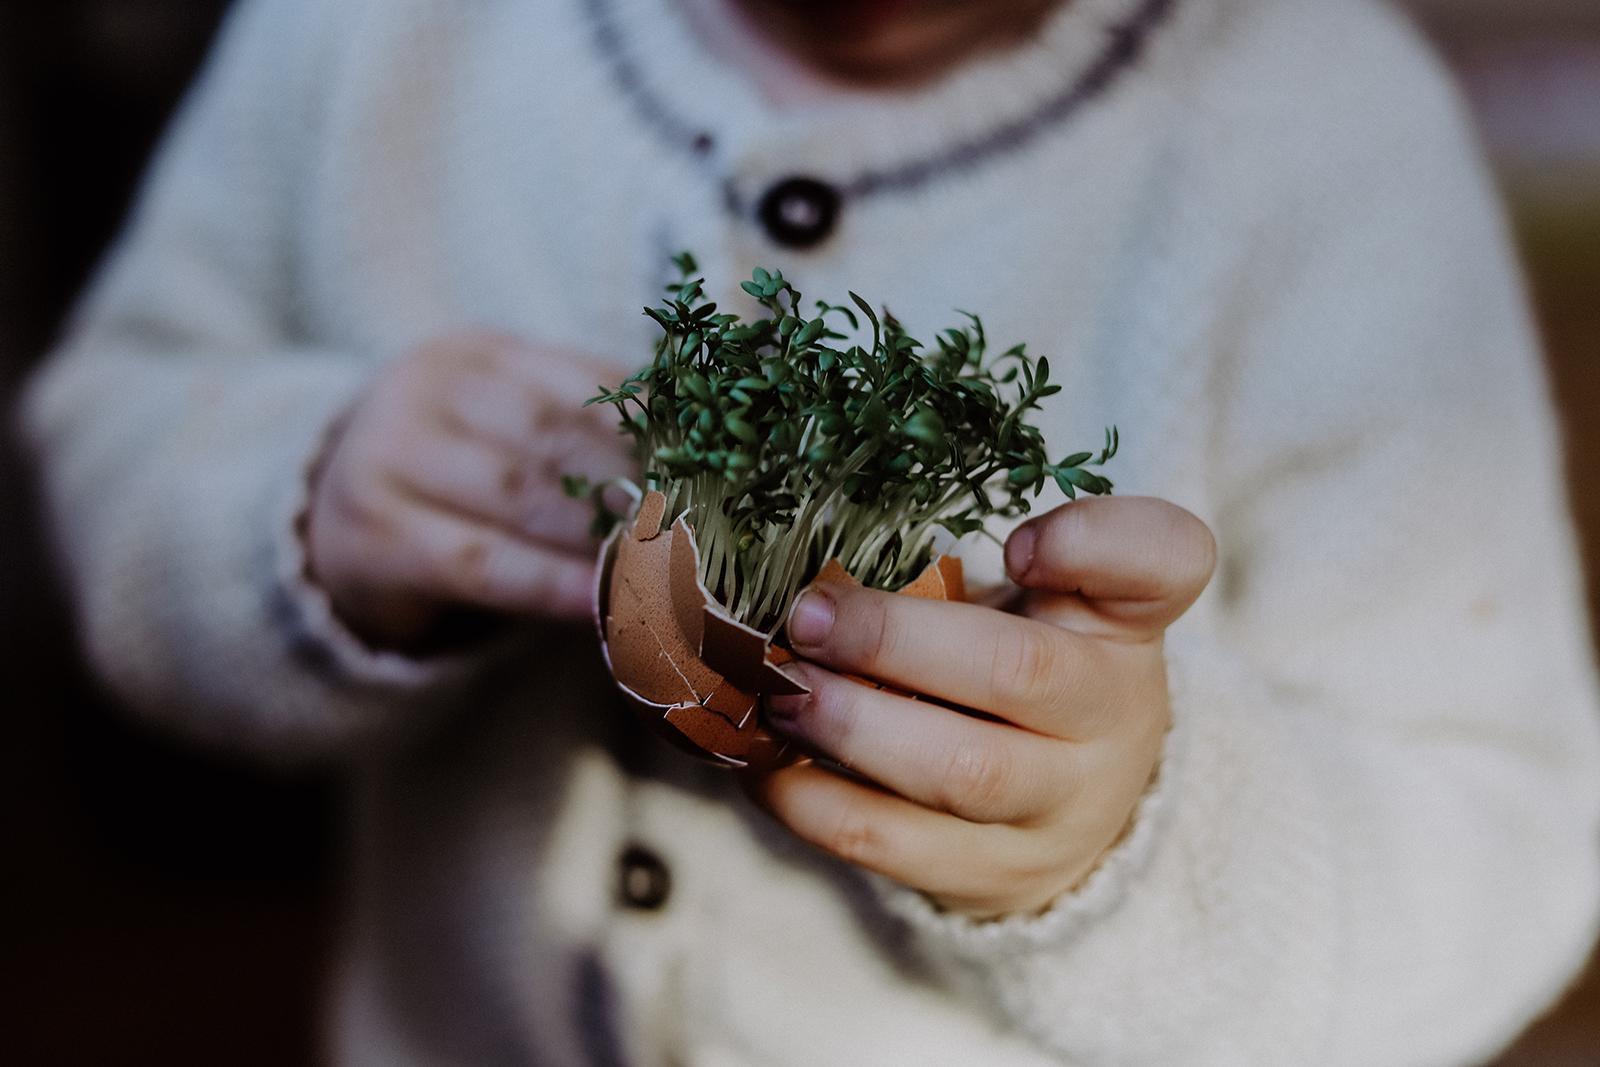 Hüter der Erde: Vom Kressegarten zum Weltverbesserer?